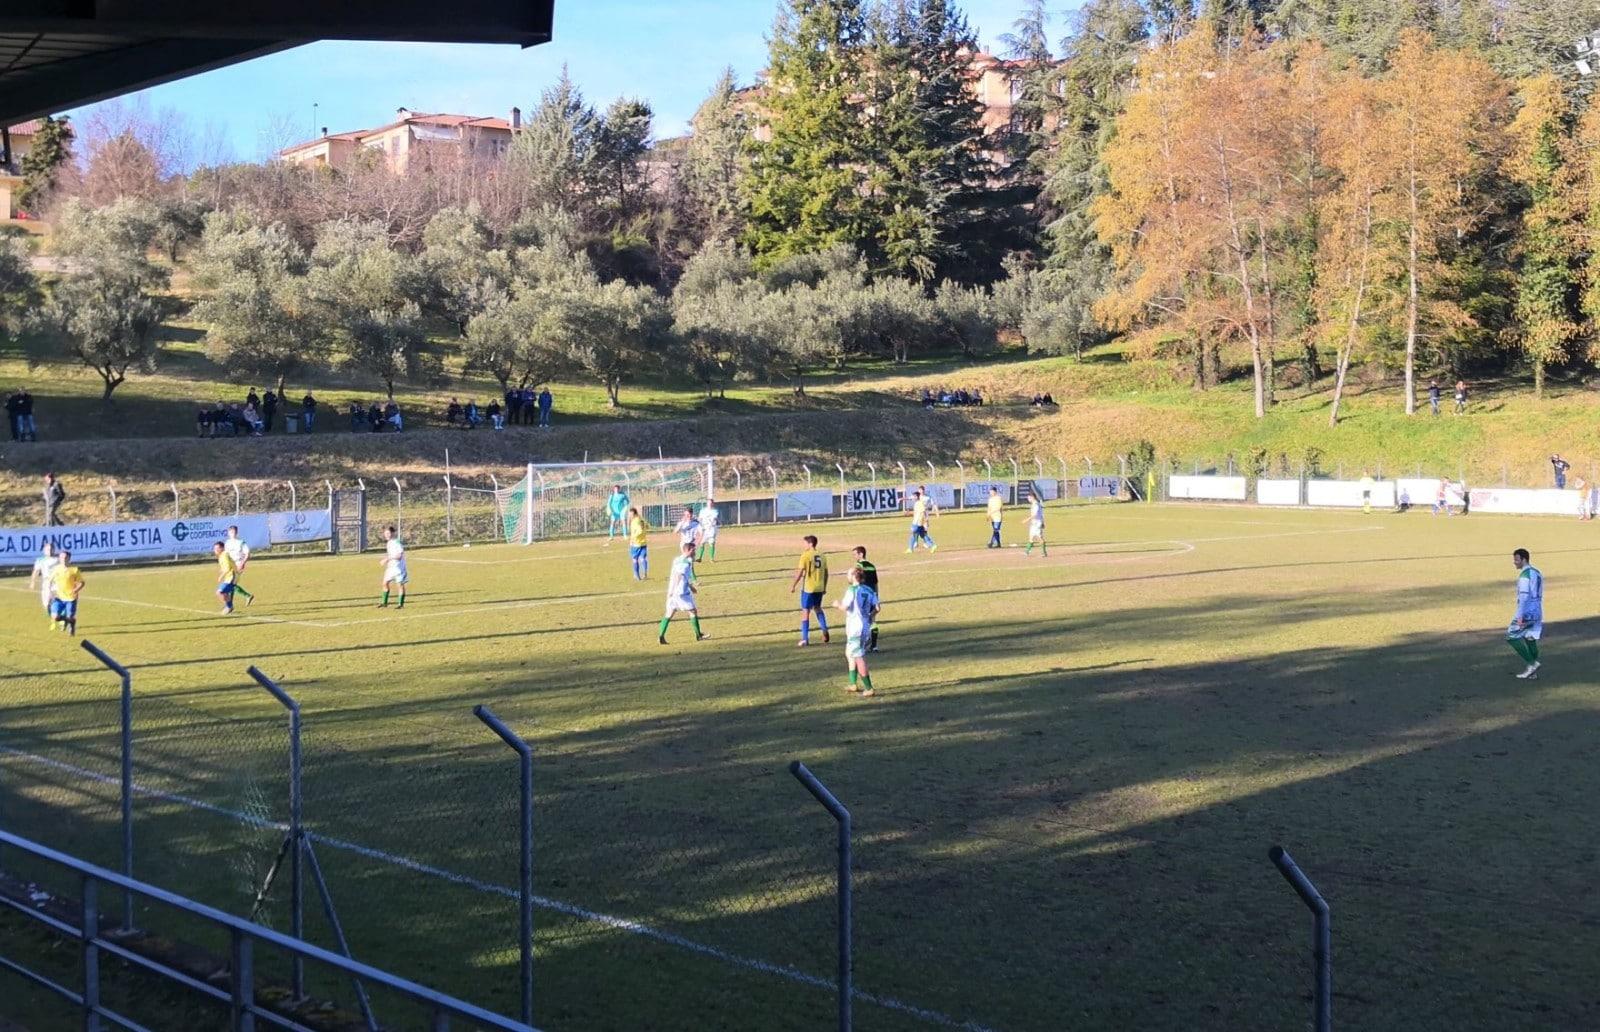 Baldaccio - Valdarno 0-0, foto 3